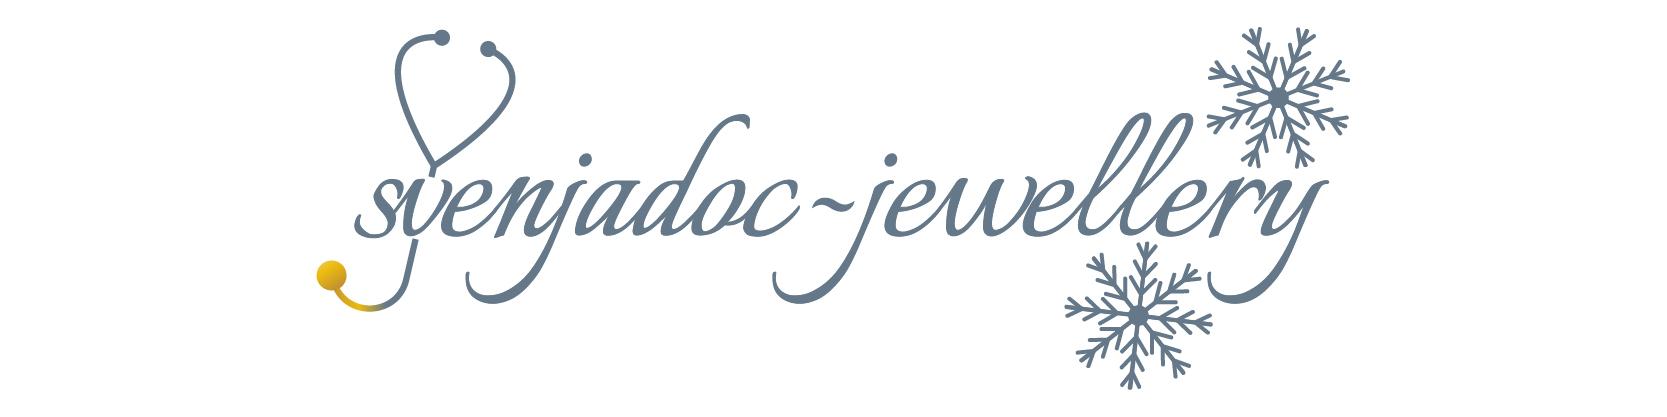 svenjadoc-jewellery.com